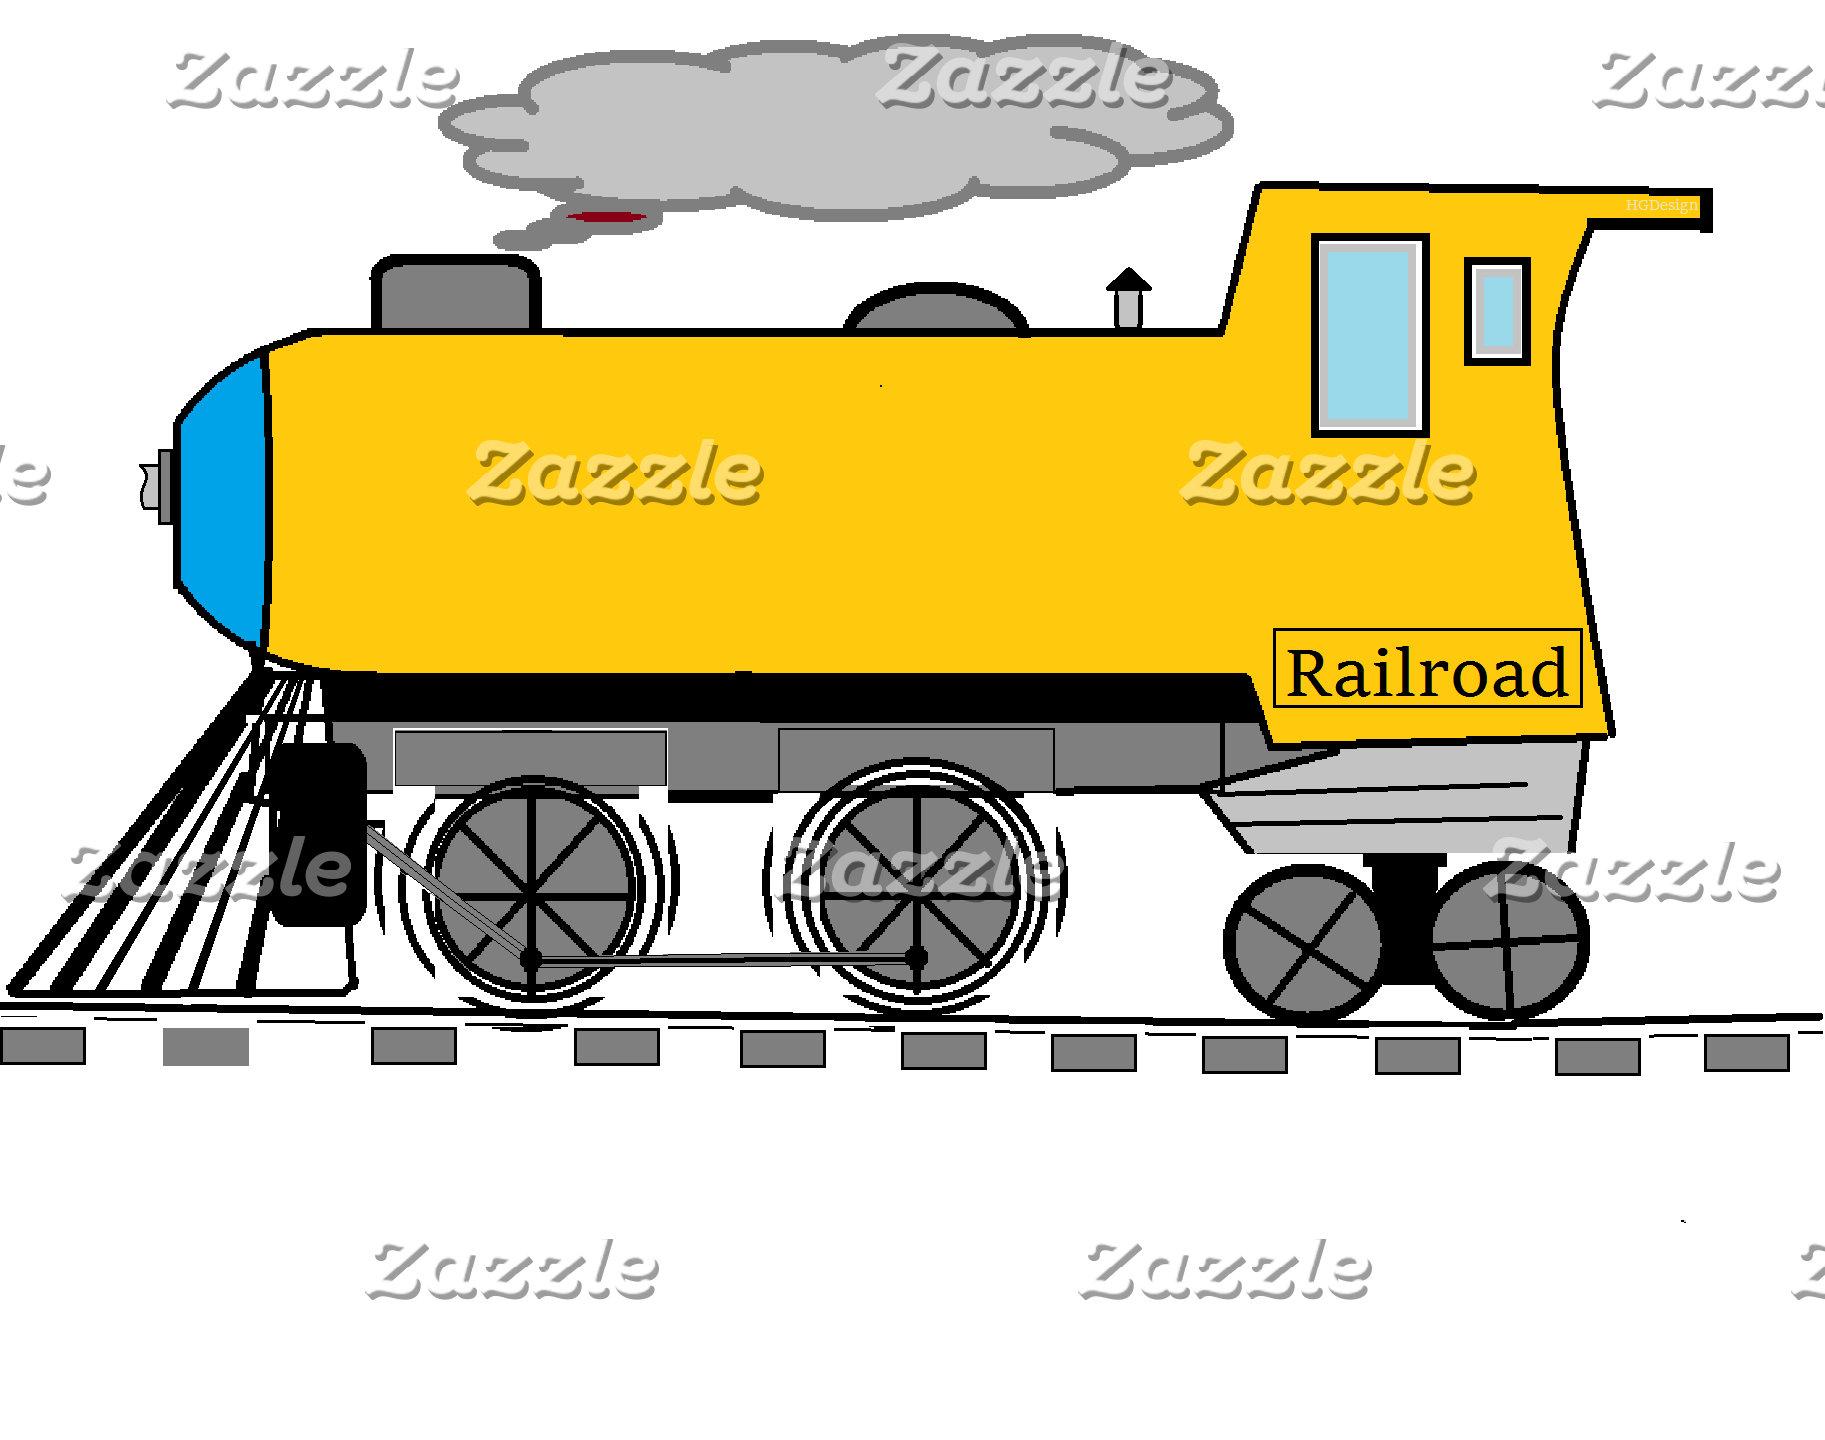 Railroadia